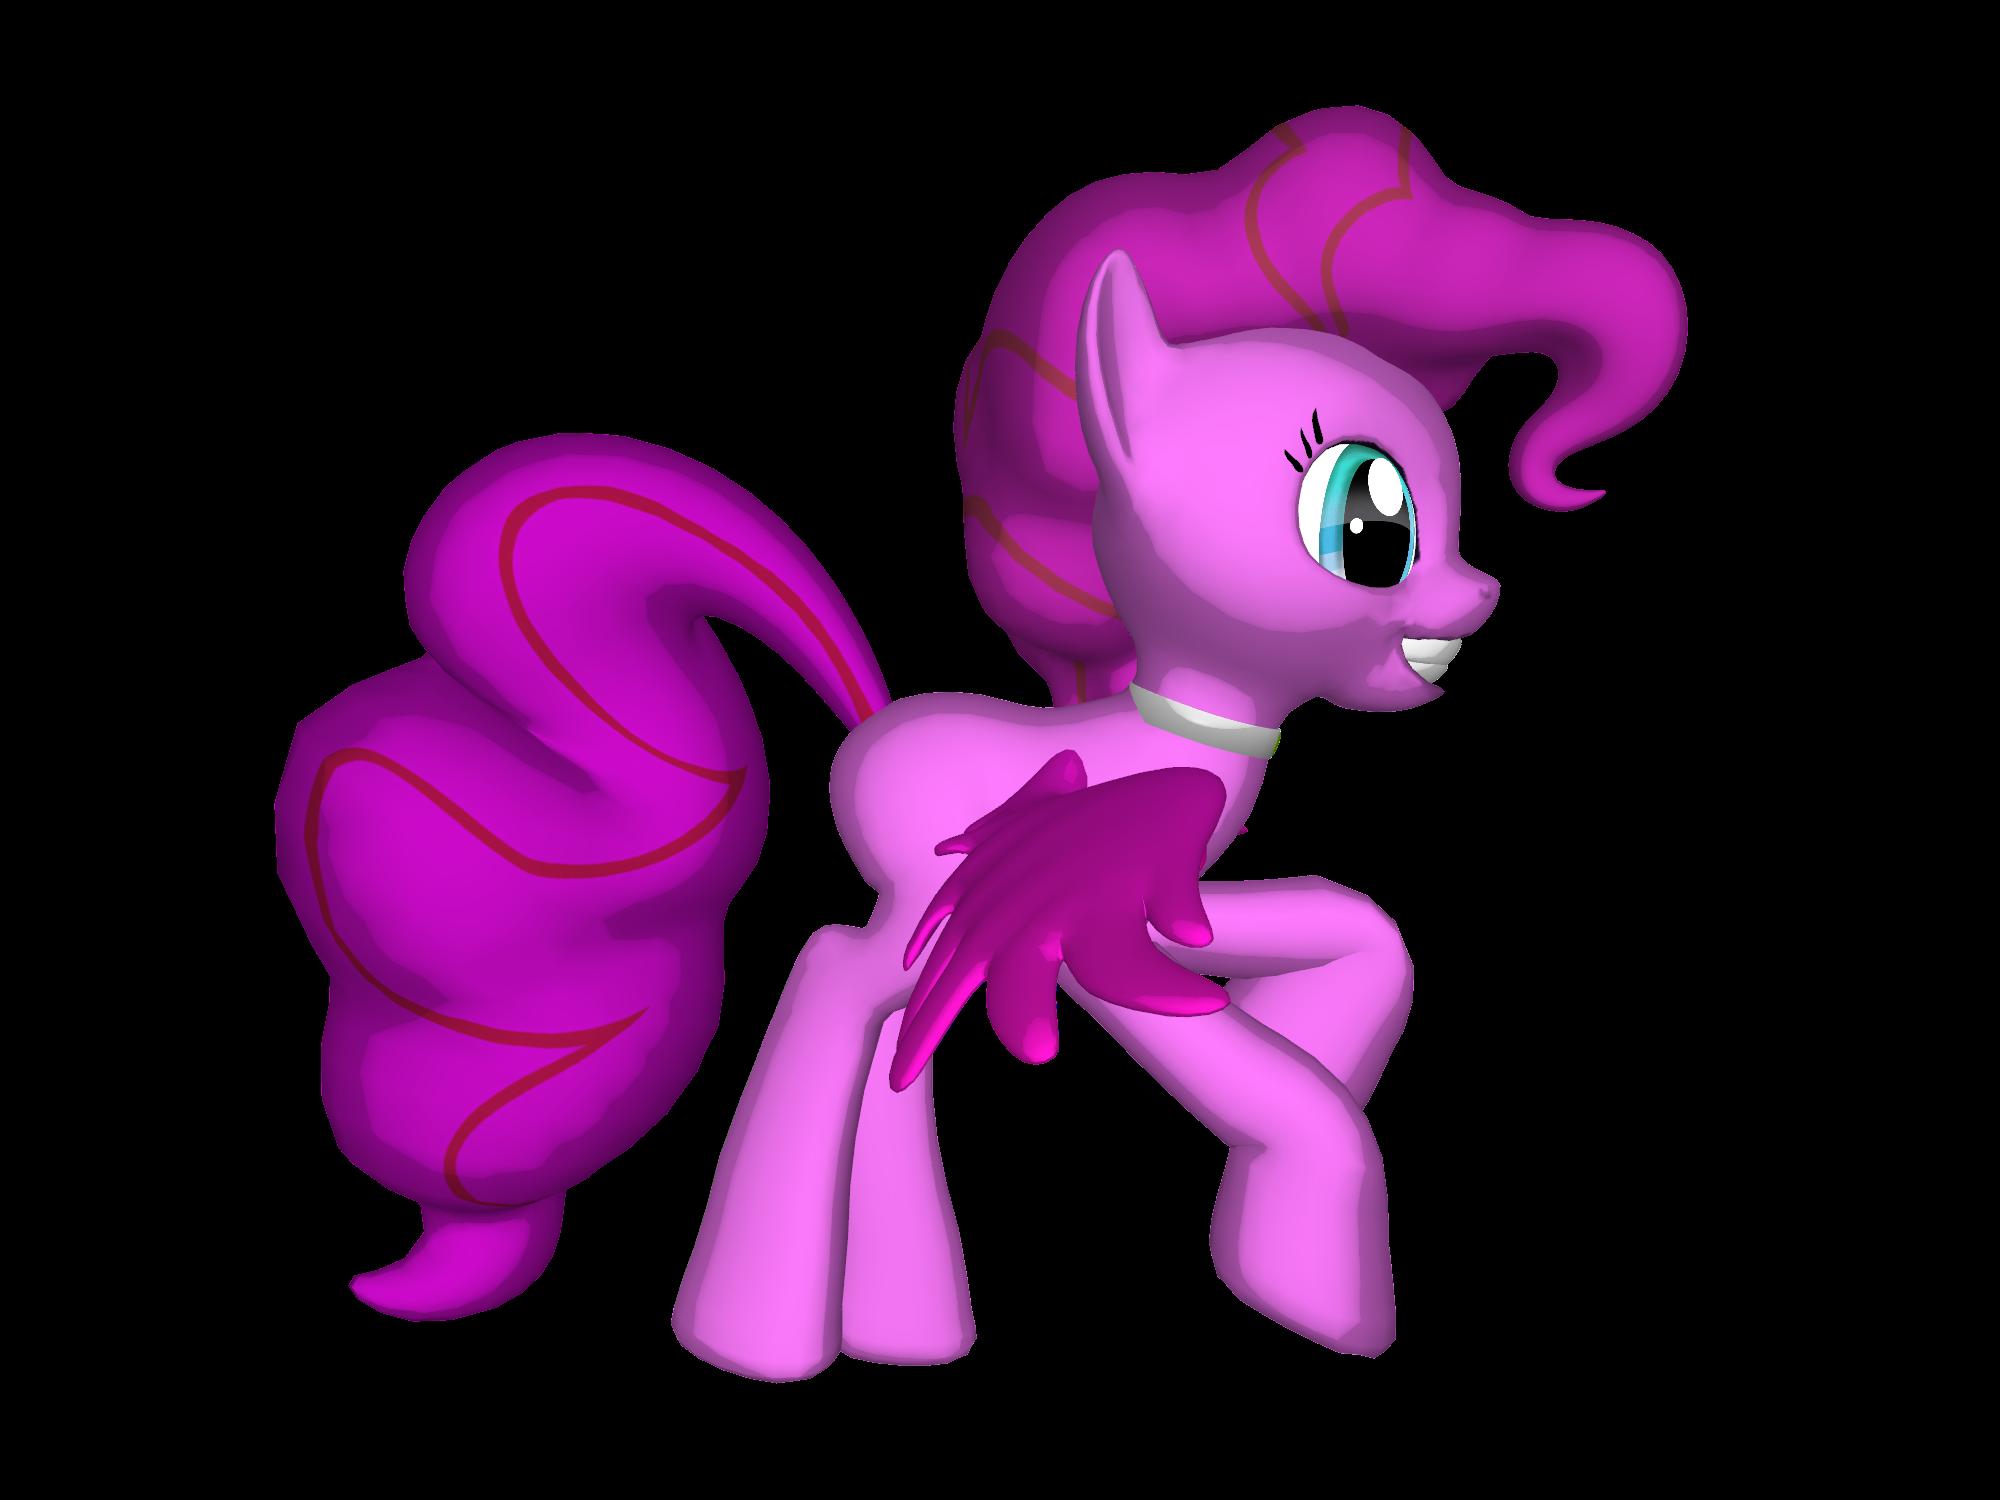 картинки пони креатор название горло